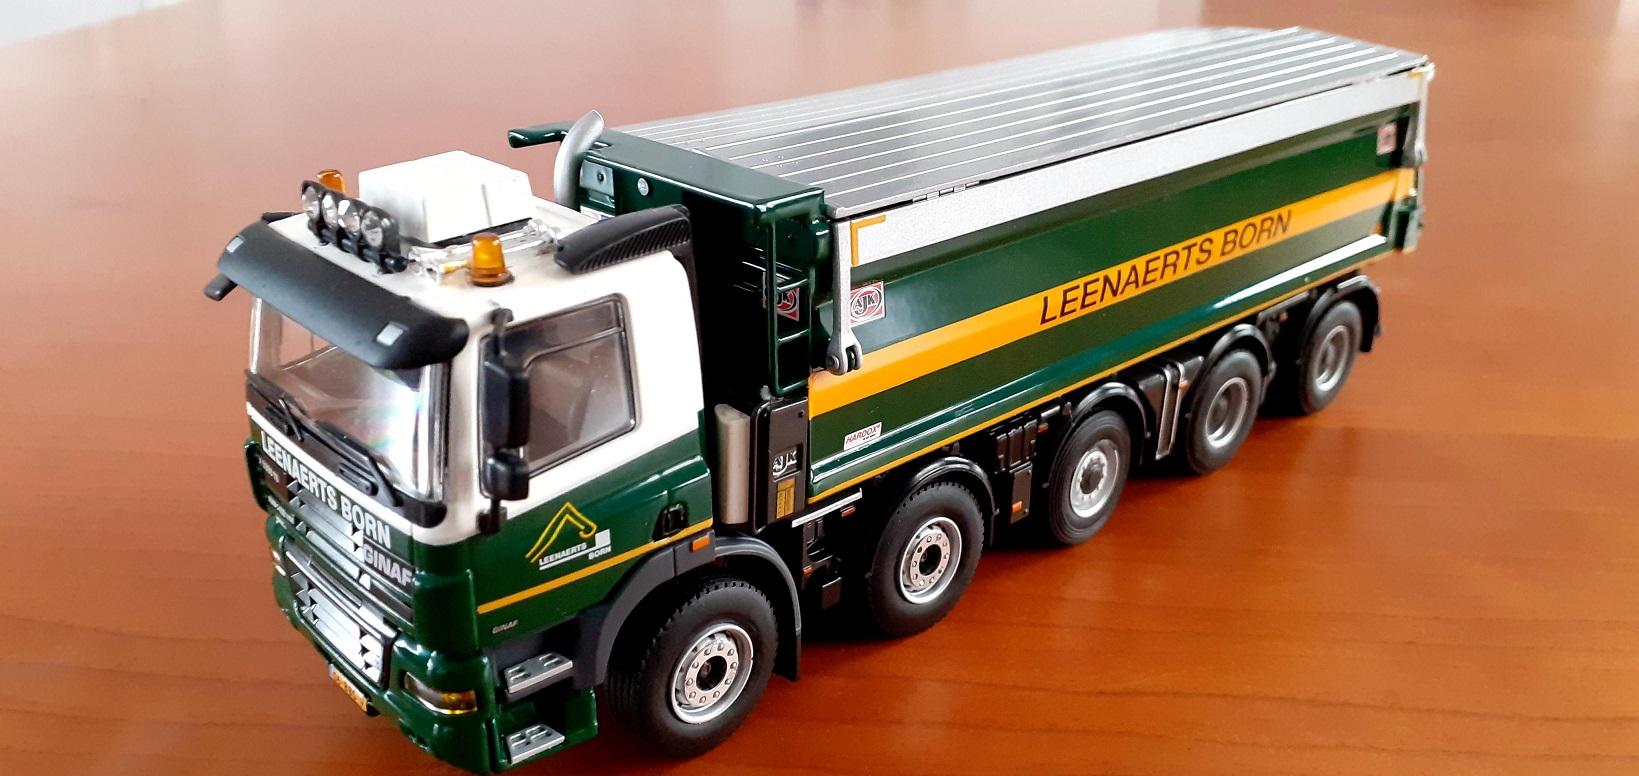 Leenaerts-Xavier-Walstock-berwerkte-delen-modellen-(24)